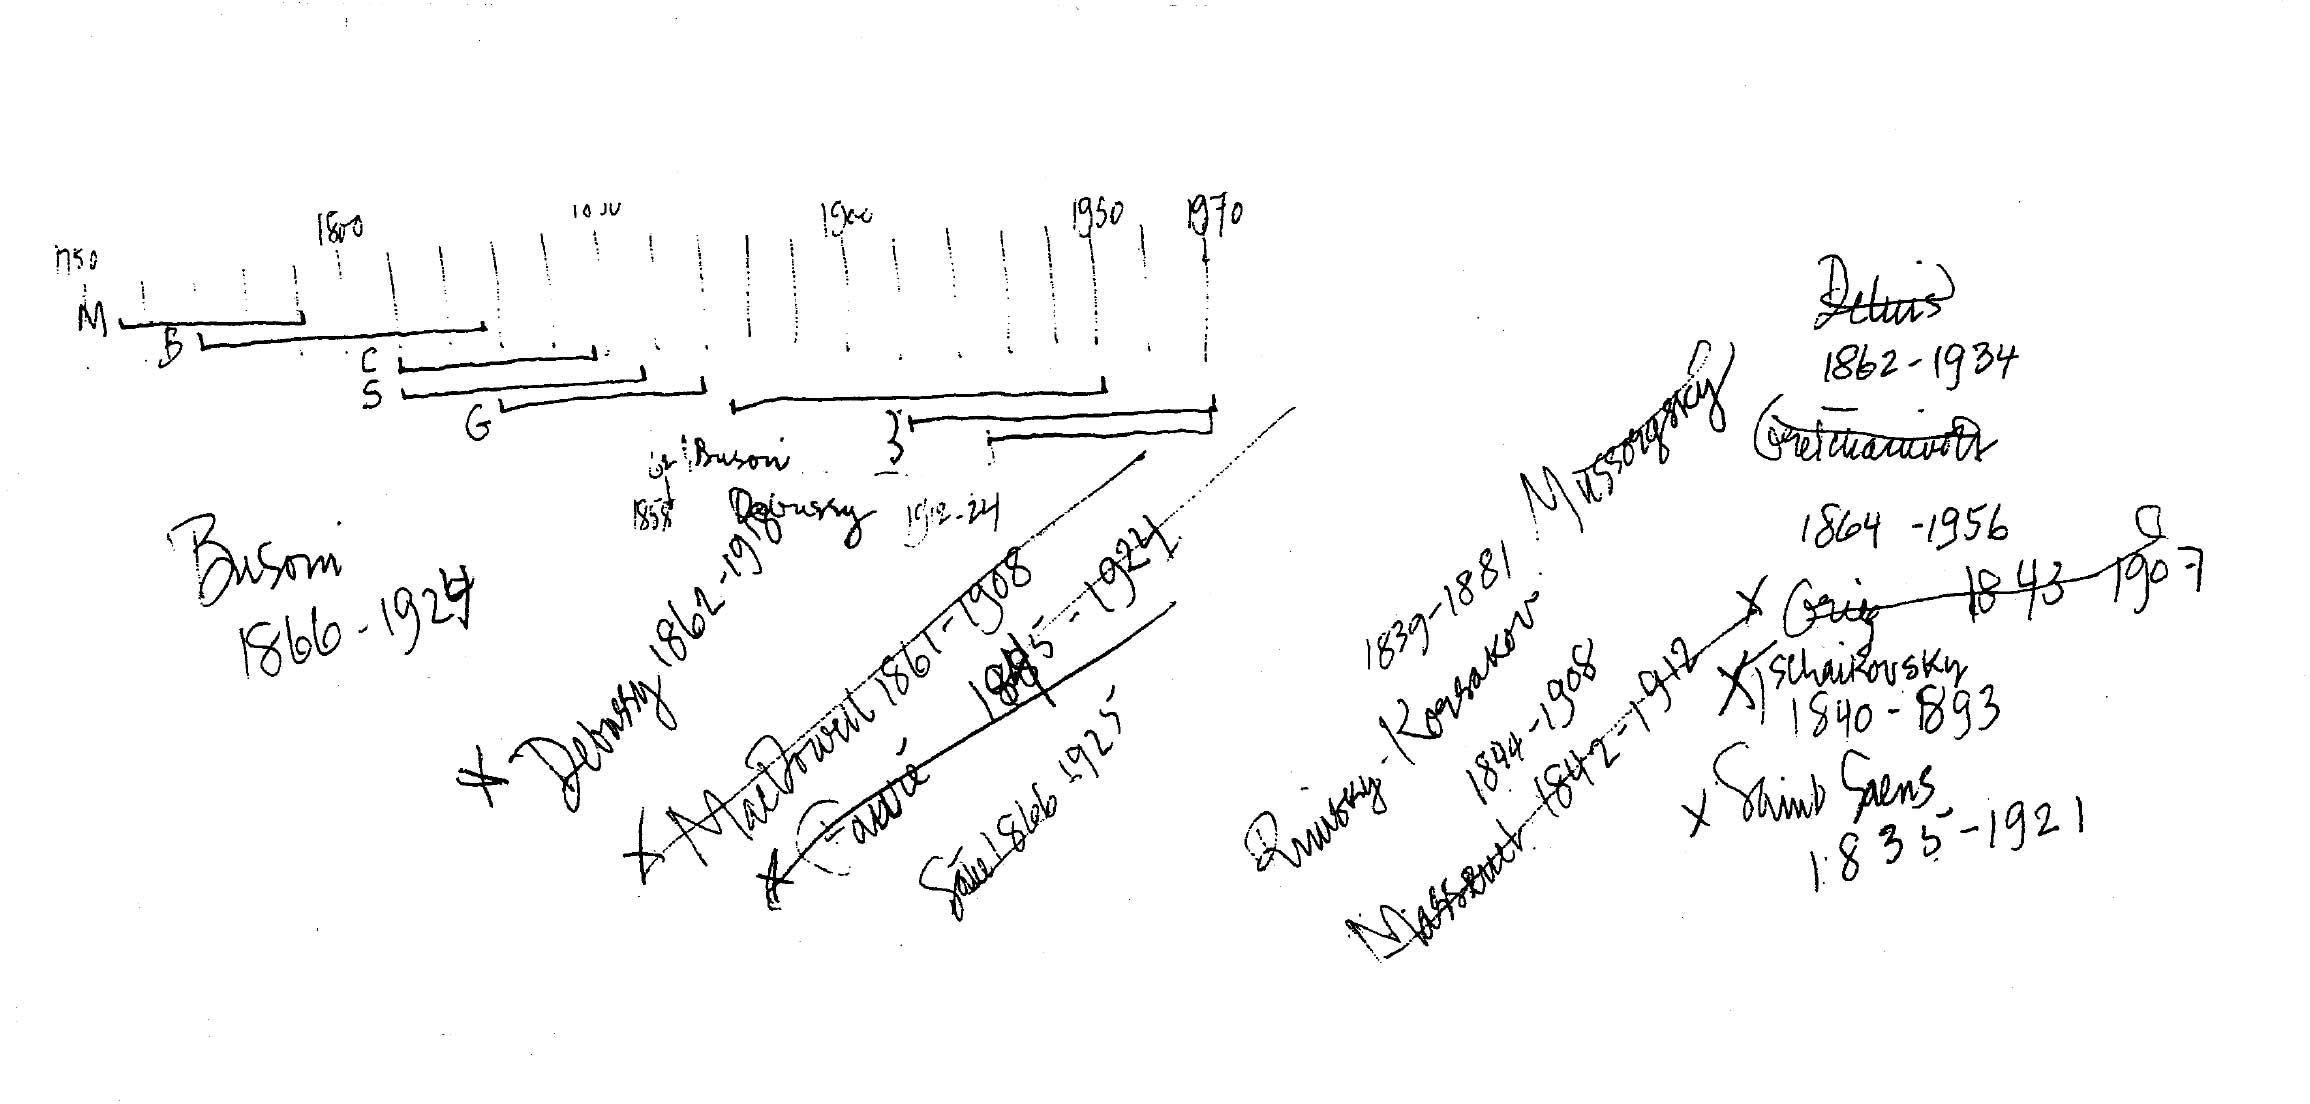 Una timeline dei compositori utilizzati in HPSCHD, con le relative date di nascita e morte. Sulla destra una serie di alternative per un'eventuale sostituzione di Ives. Manoscritto della John Cage Collection della New York Public Library di New York.